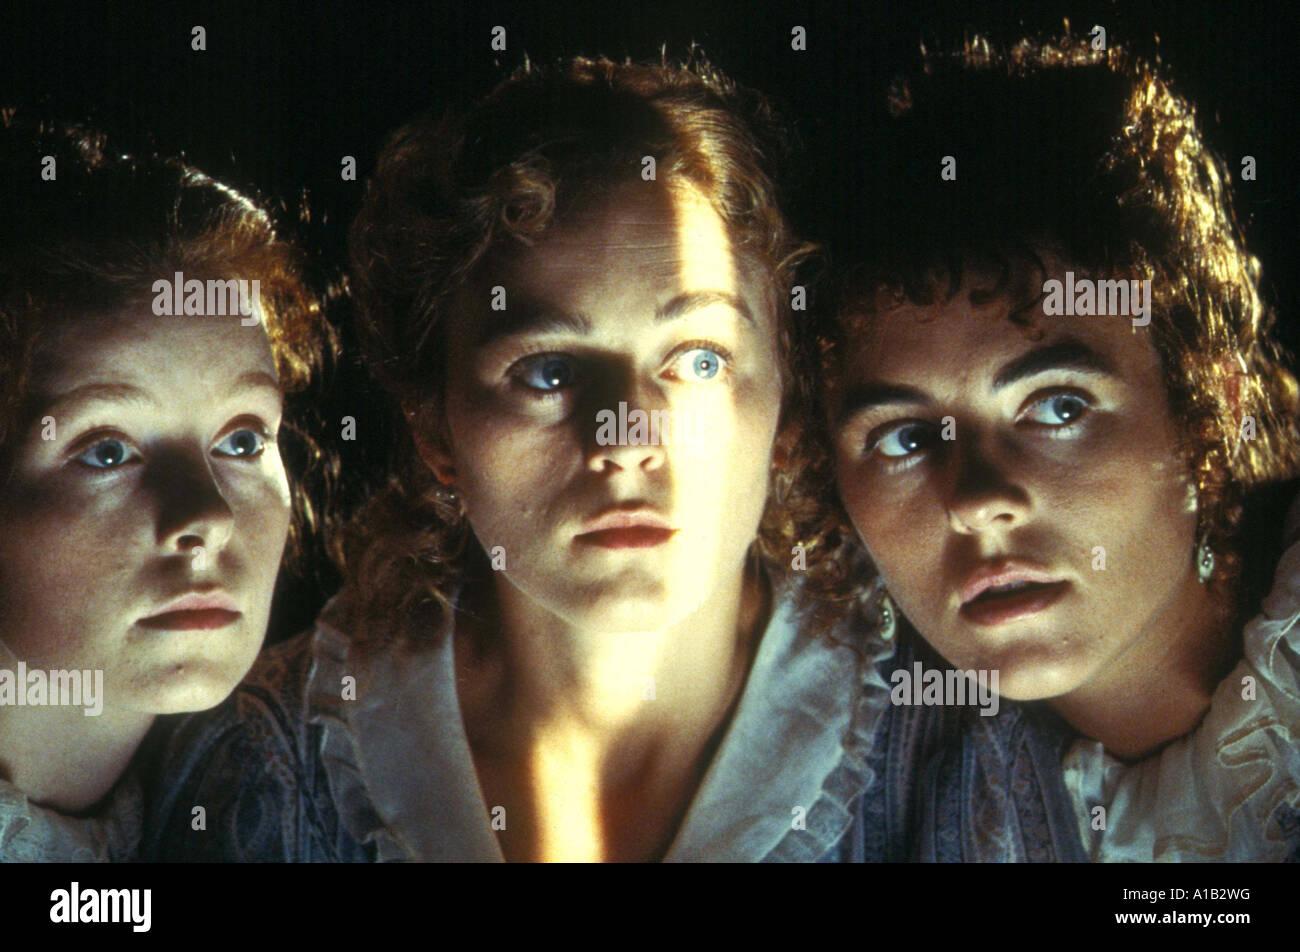 Remando Al Viento Year 1987 Director Gonzalo Suarez Lizzy McInnerny Valentine  Pelka Elizabeth Hurley